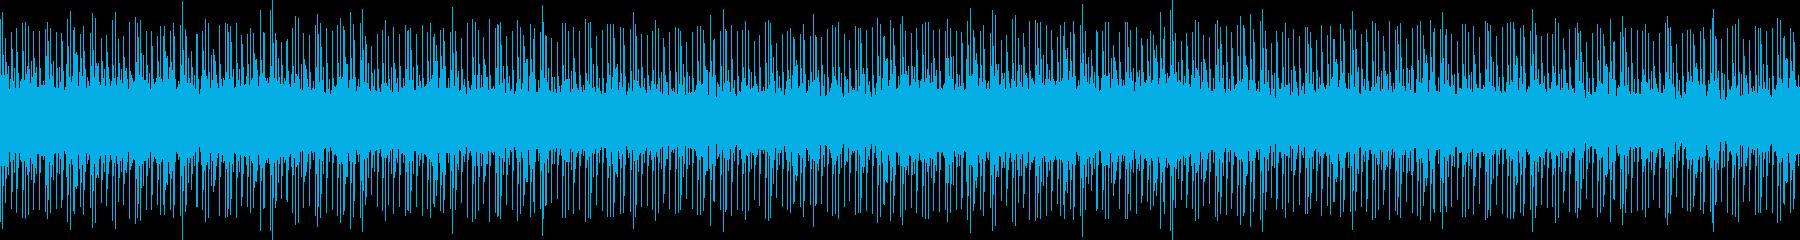 クールな雰囲気のエレクトロなループです。の再生済みの波形